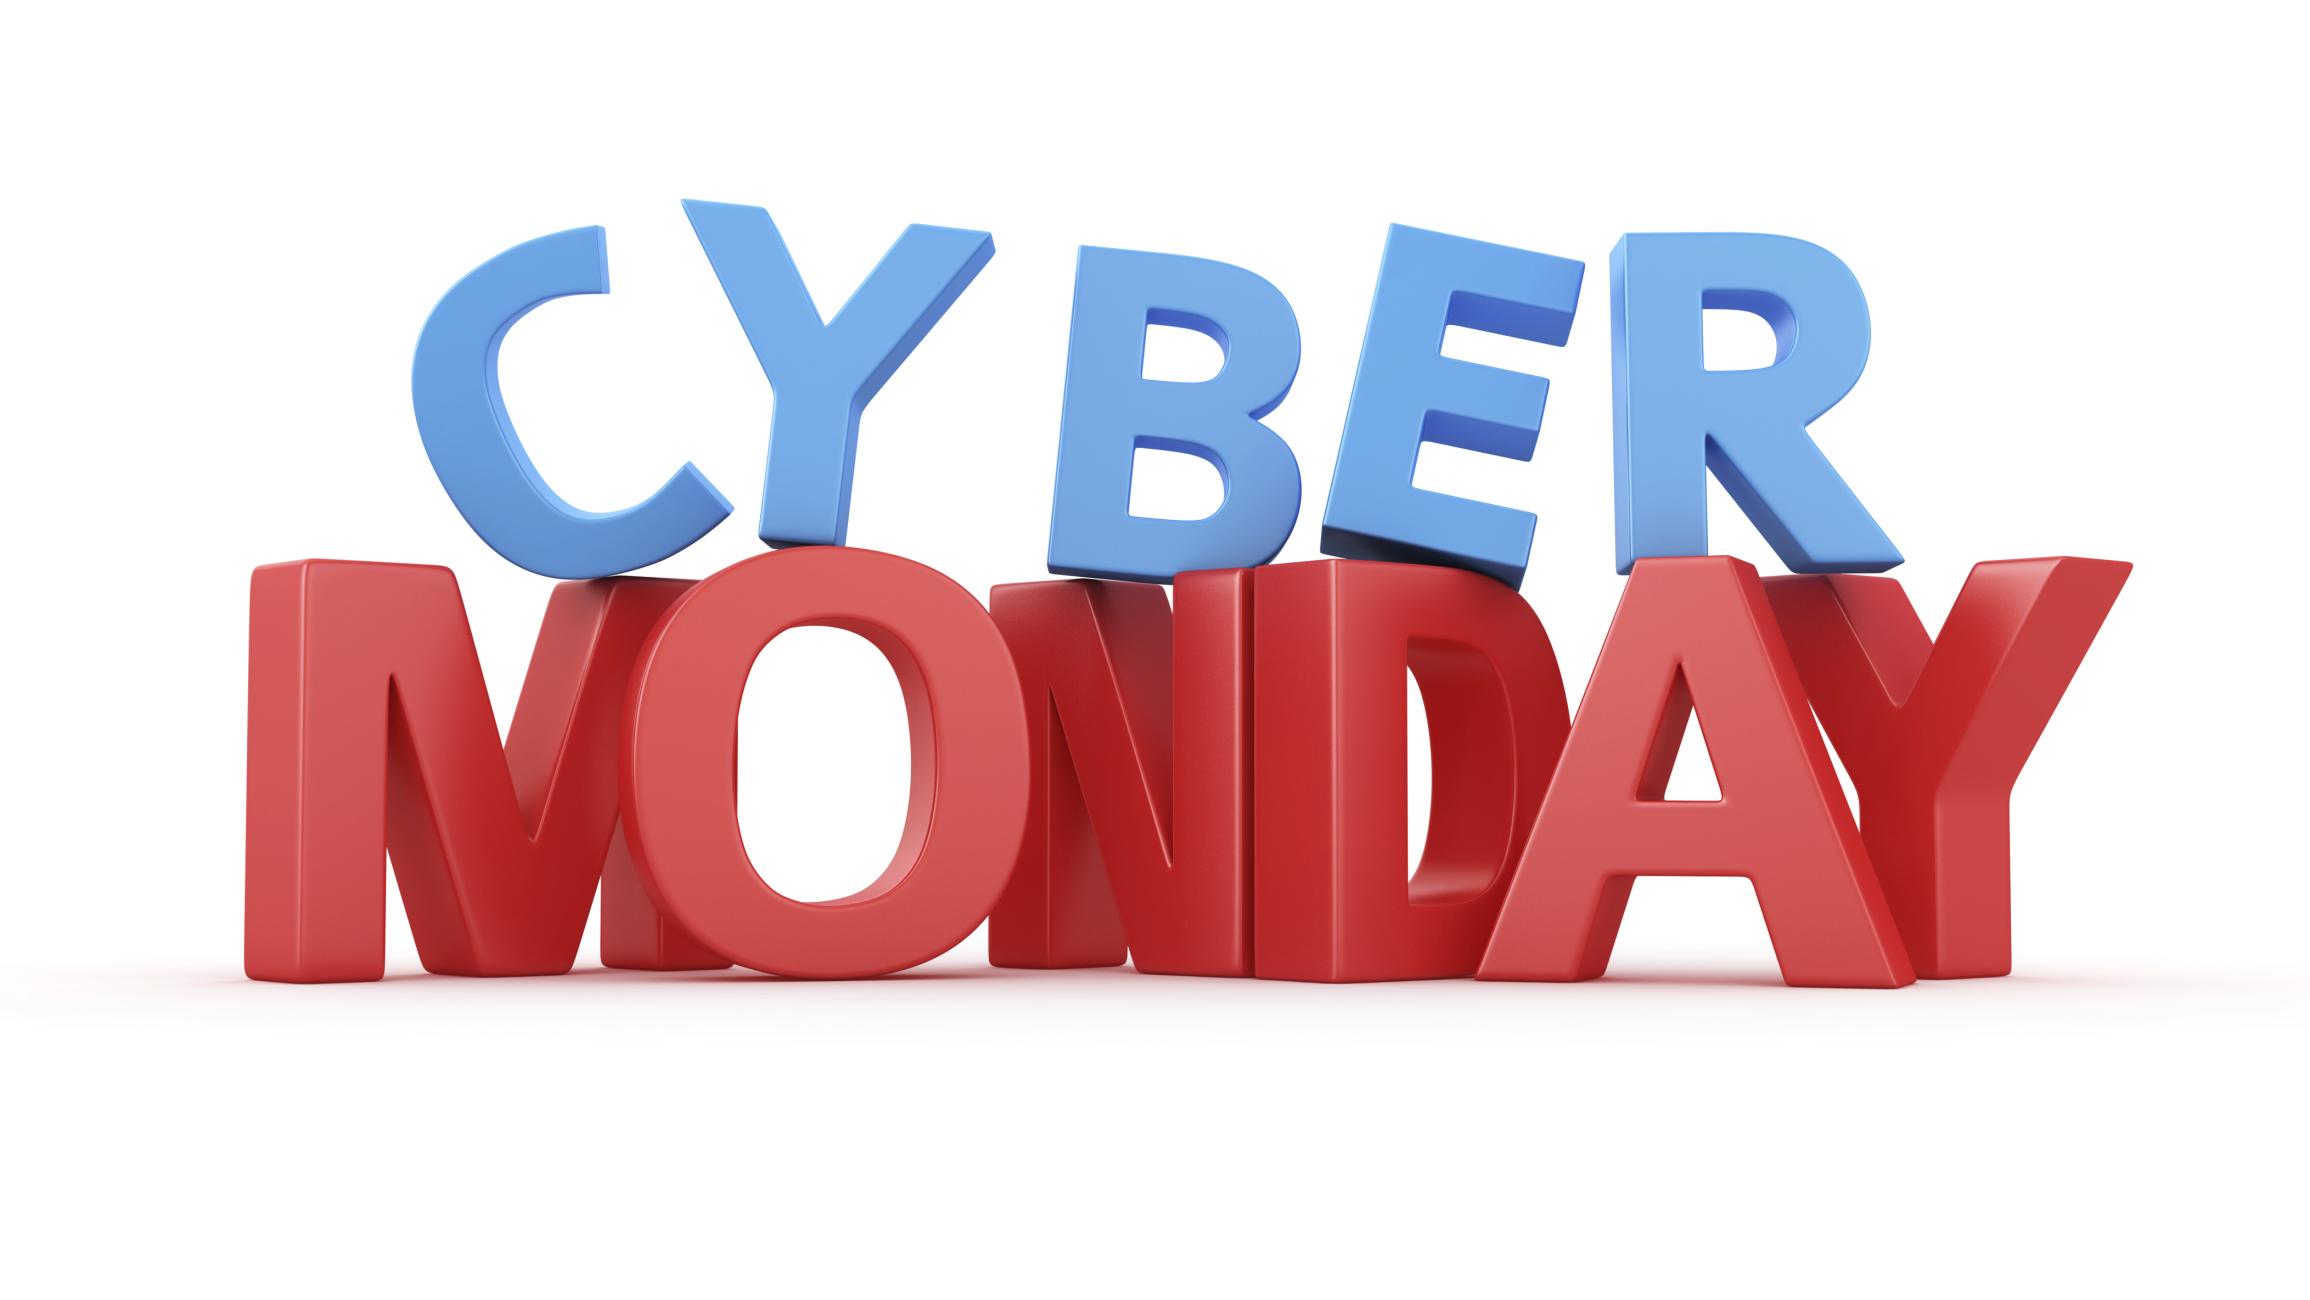 Le offerte del giorno del Cyber Monday 2016 di Amazon